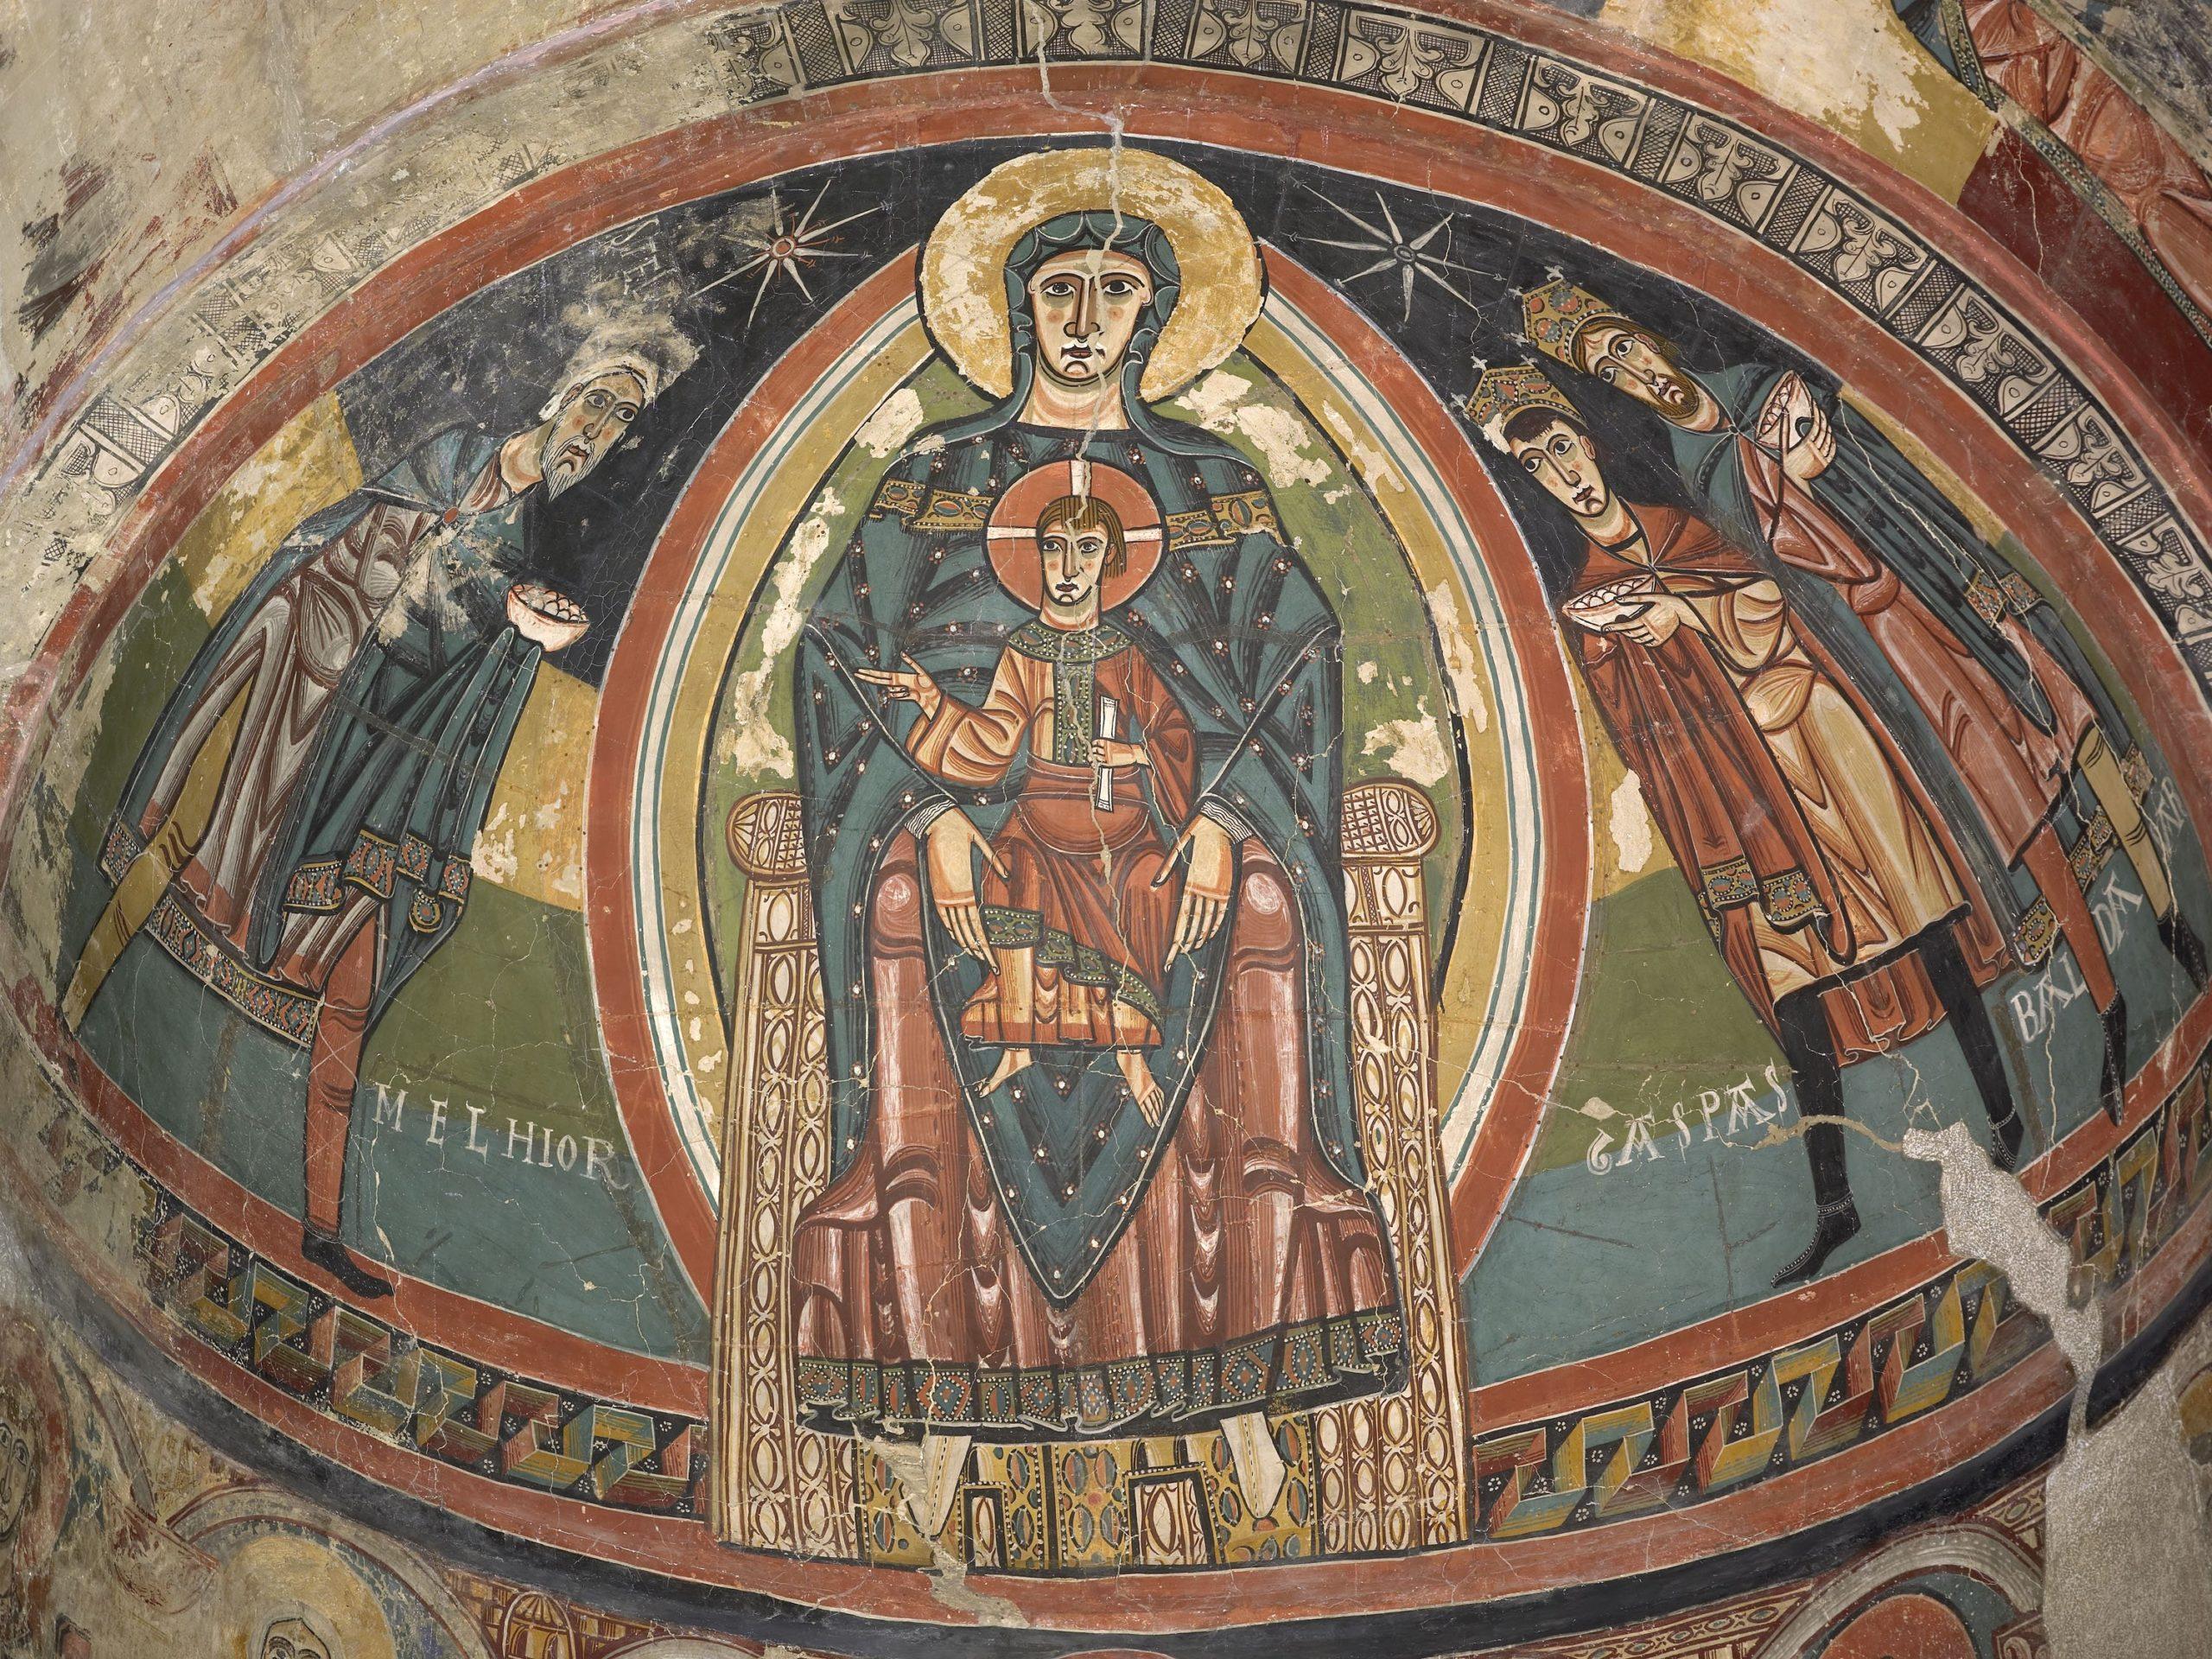 PATRIMONI ARTÍSTIC DE CATALUNYA (I): UN VIATGE CAP AL ROMÀNIC I EL GÒTIC CATALÀ